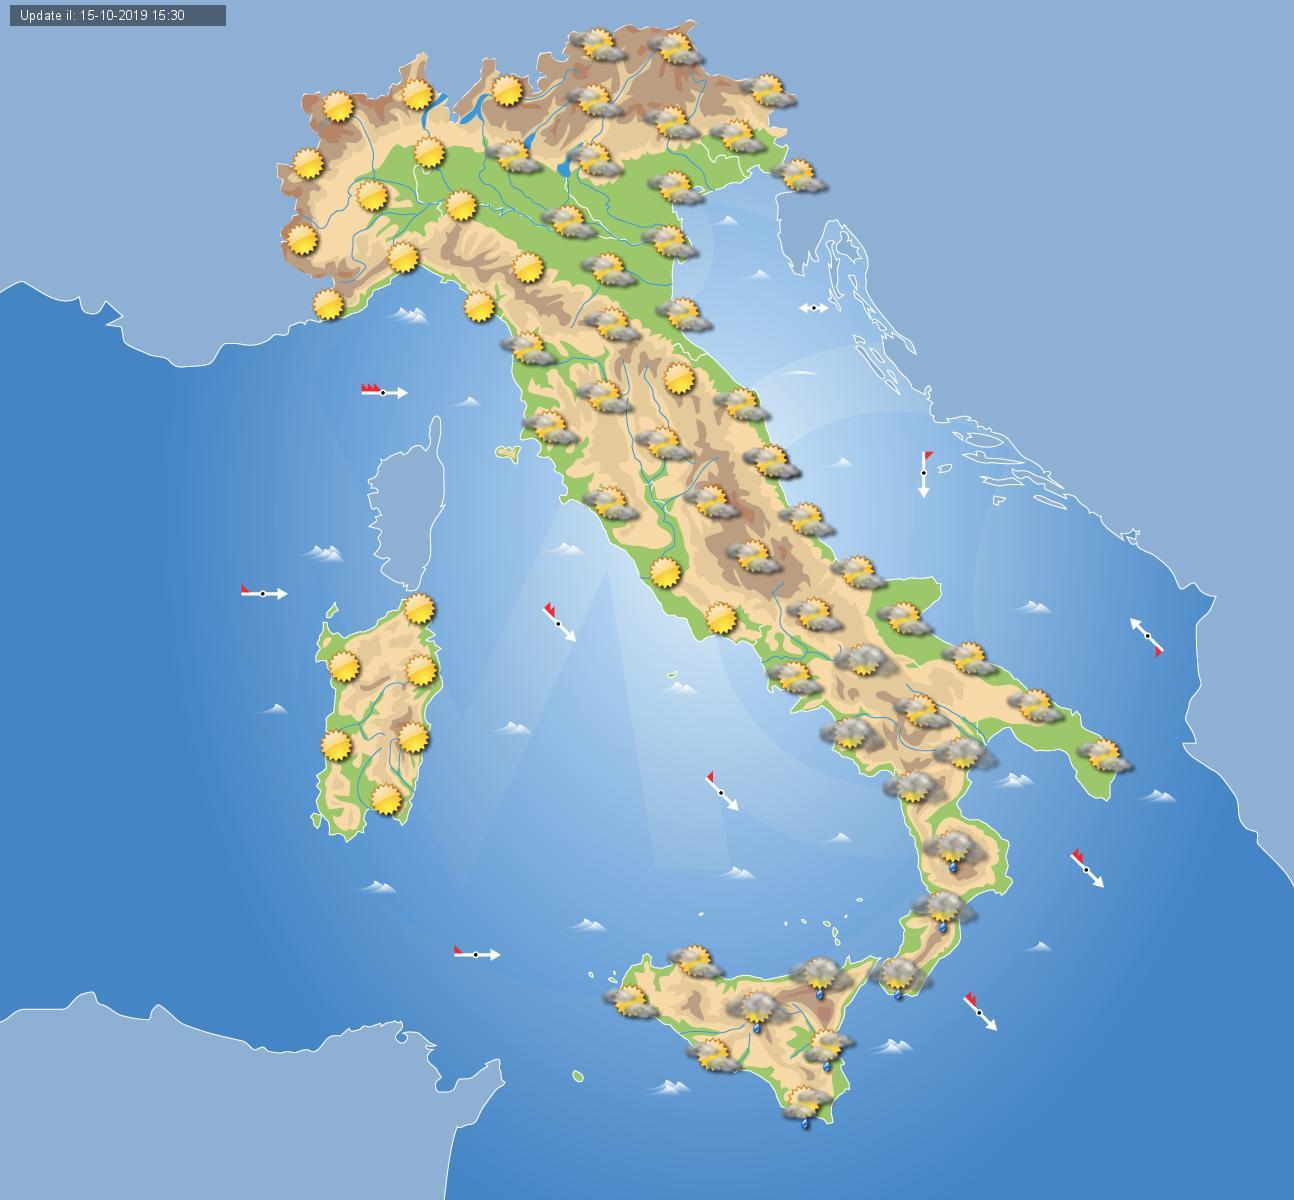 Previsioni meteo oggi 16 ottobre in Italia